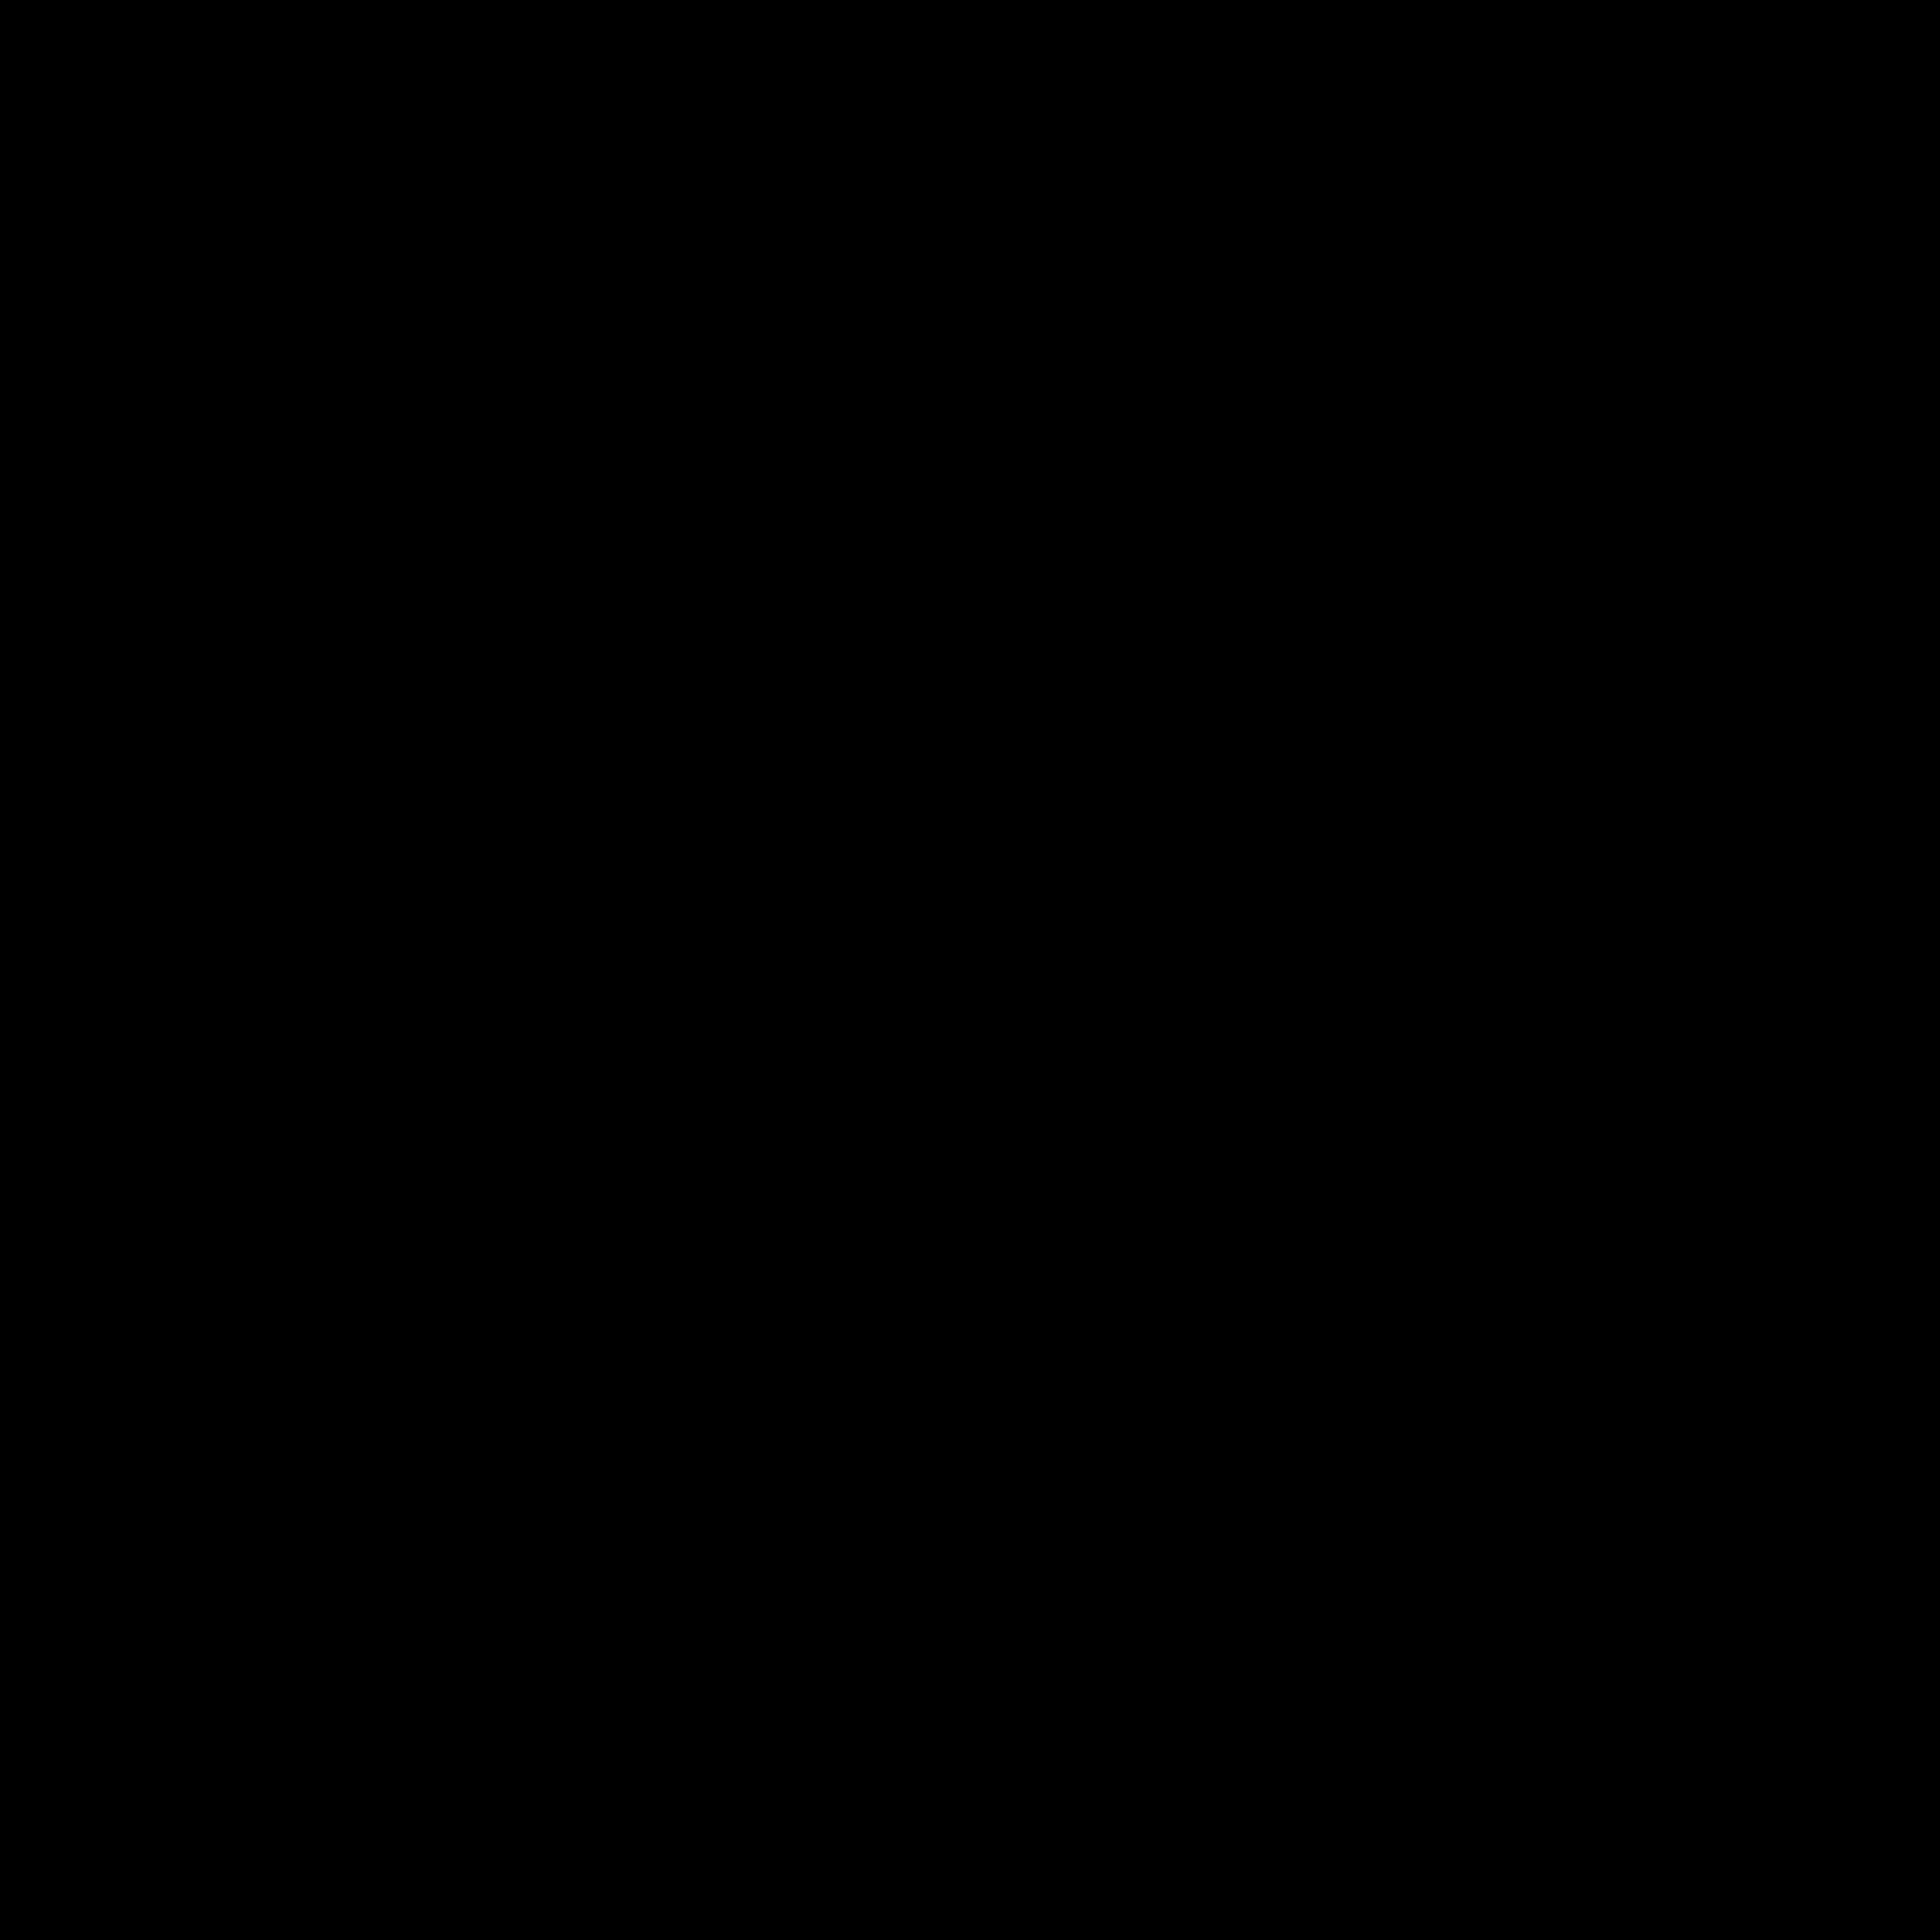 Black size. Spotify icon png